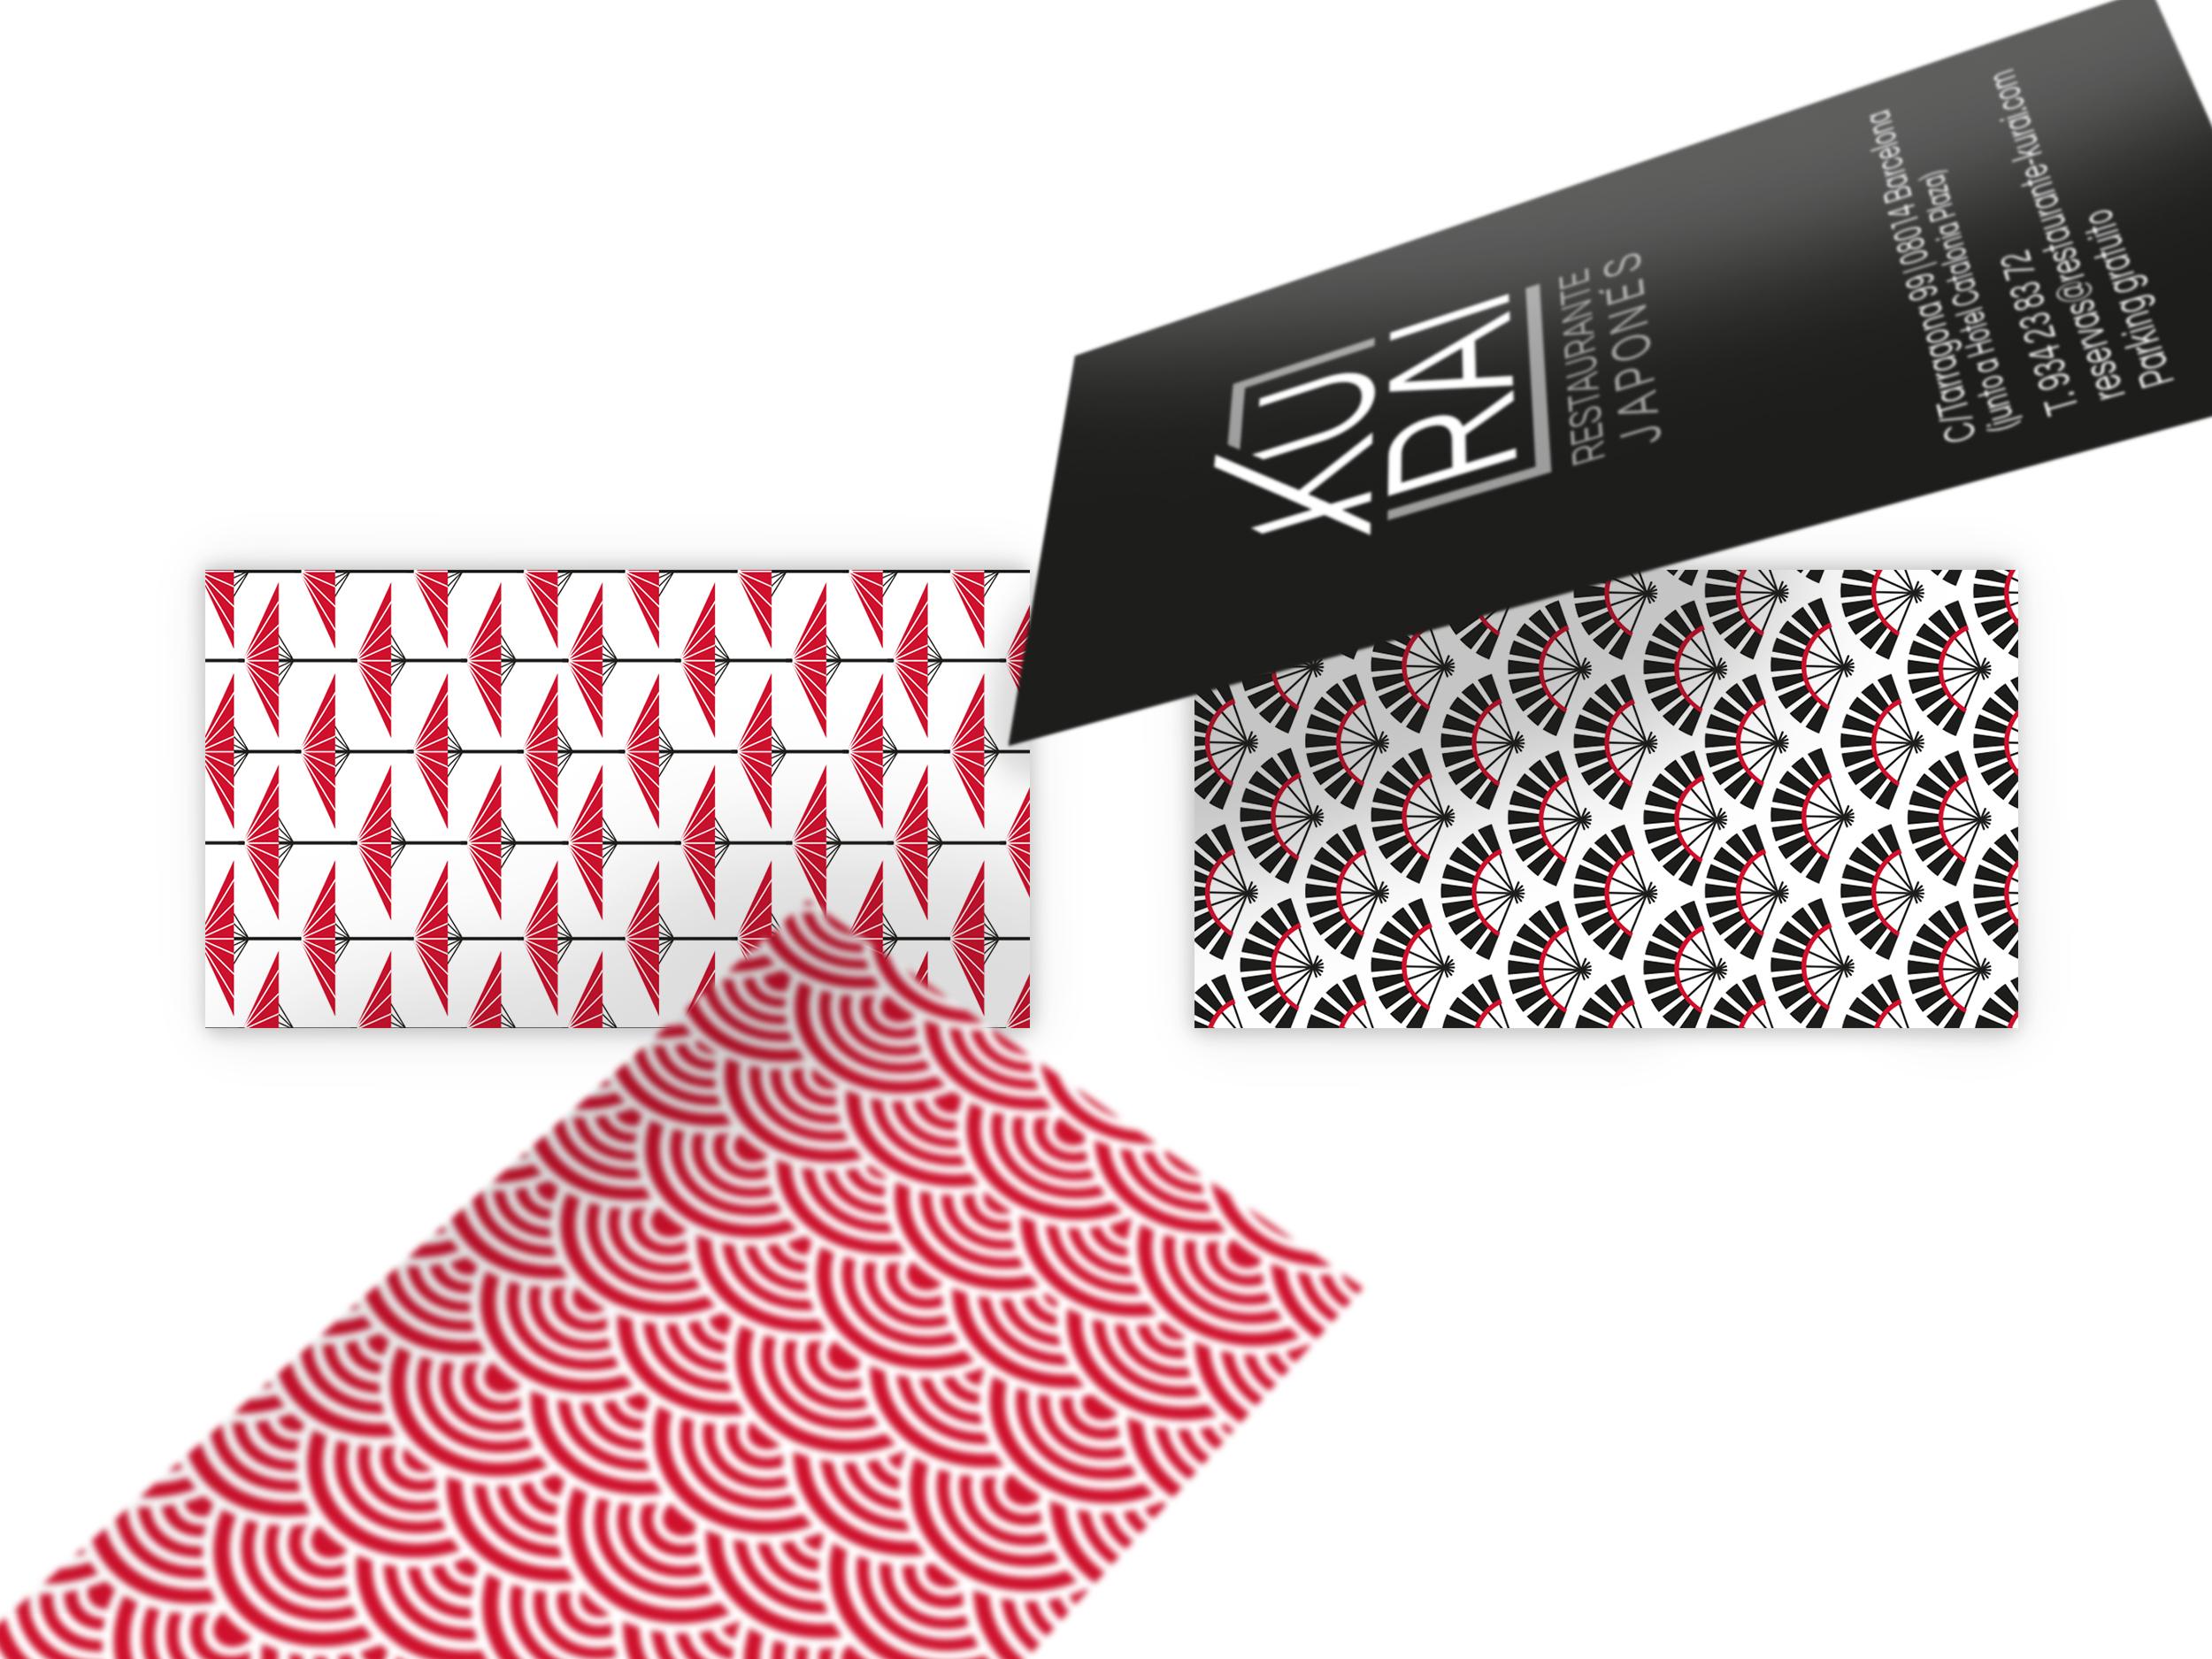 tarjetas Kurai - En el detalle esta la diferencia y con acabados especiales se consigue